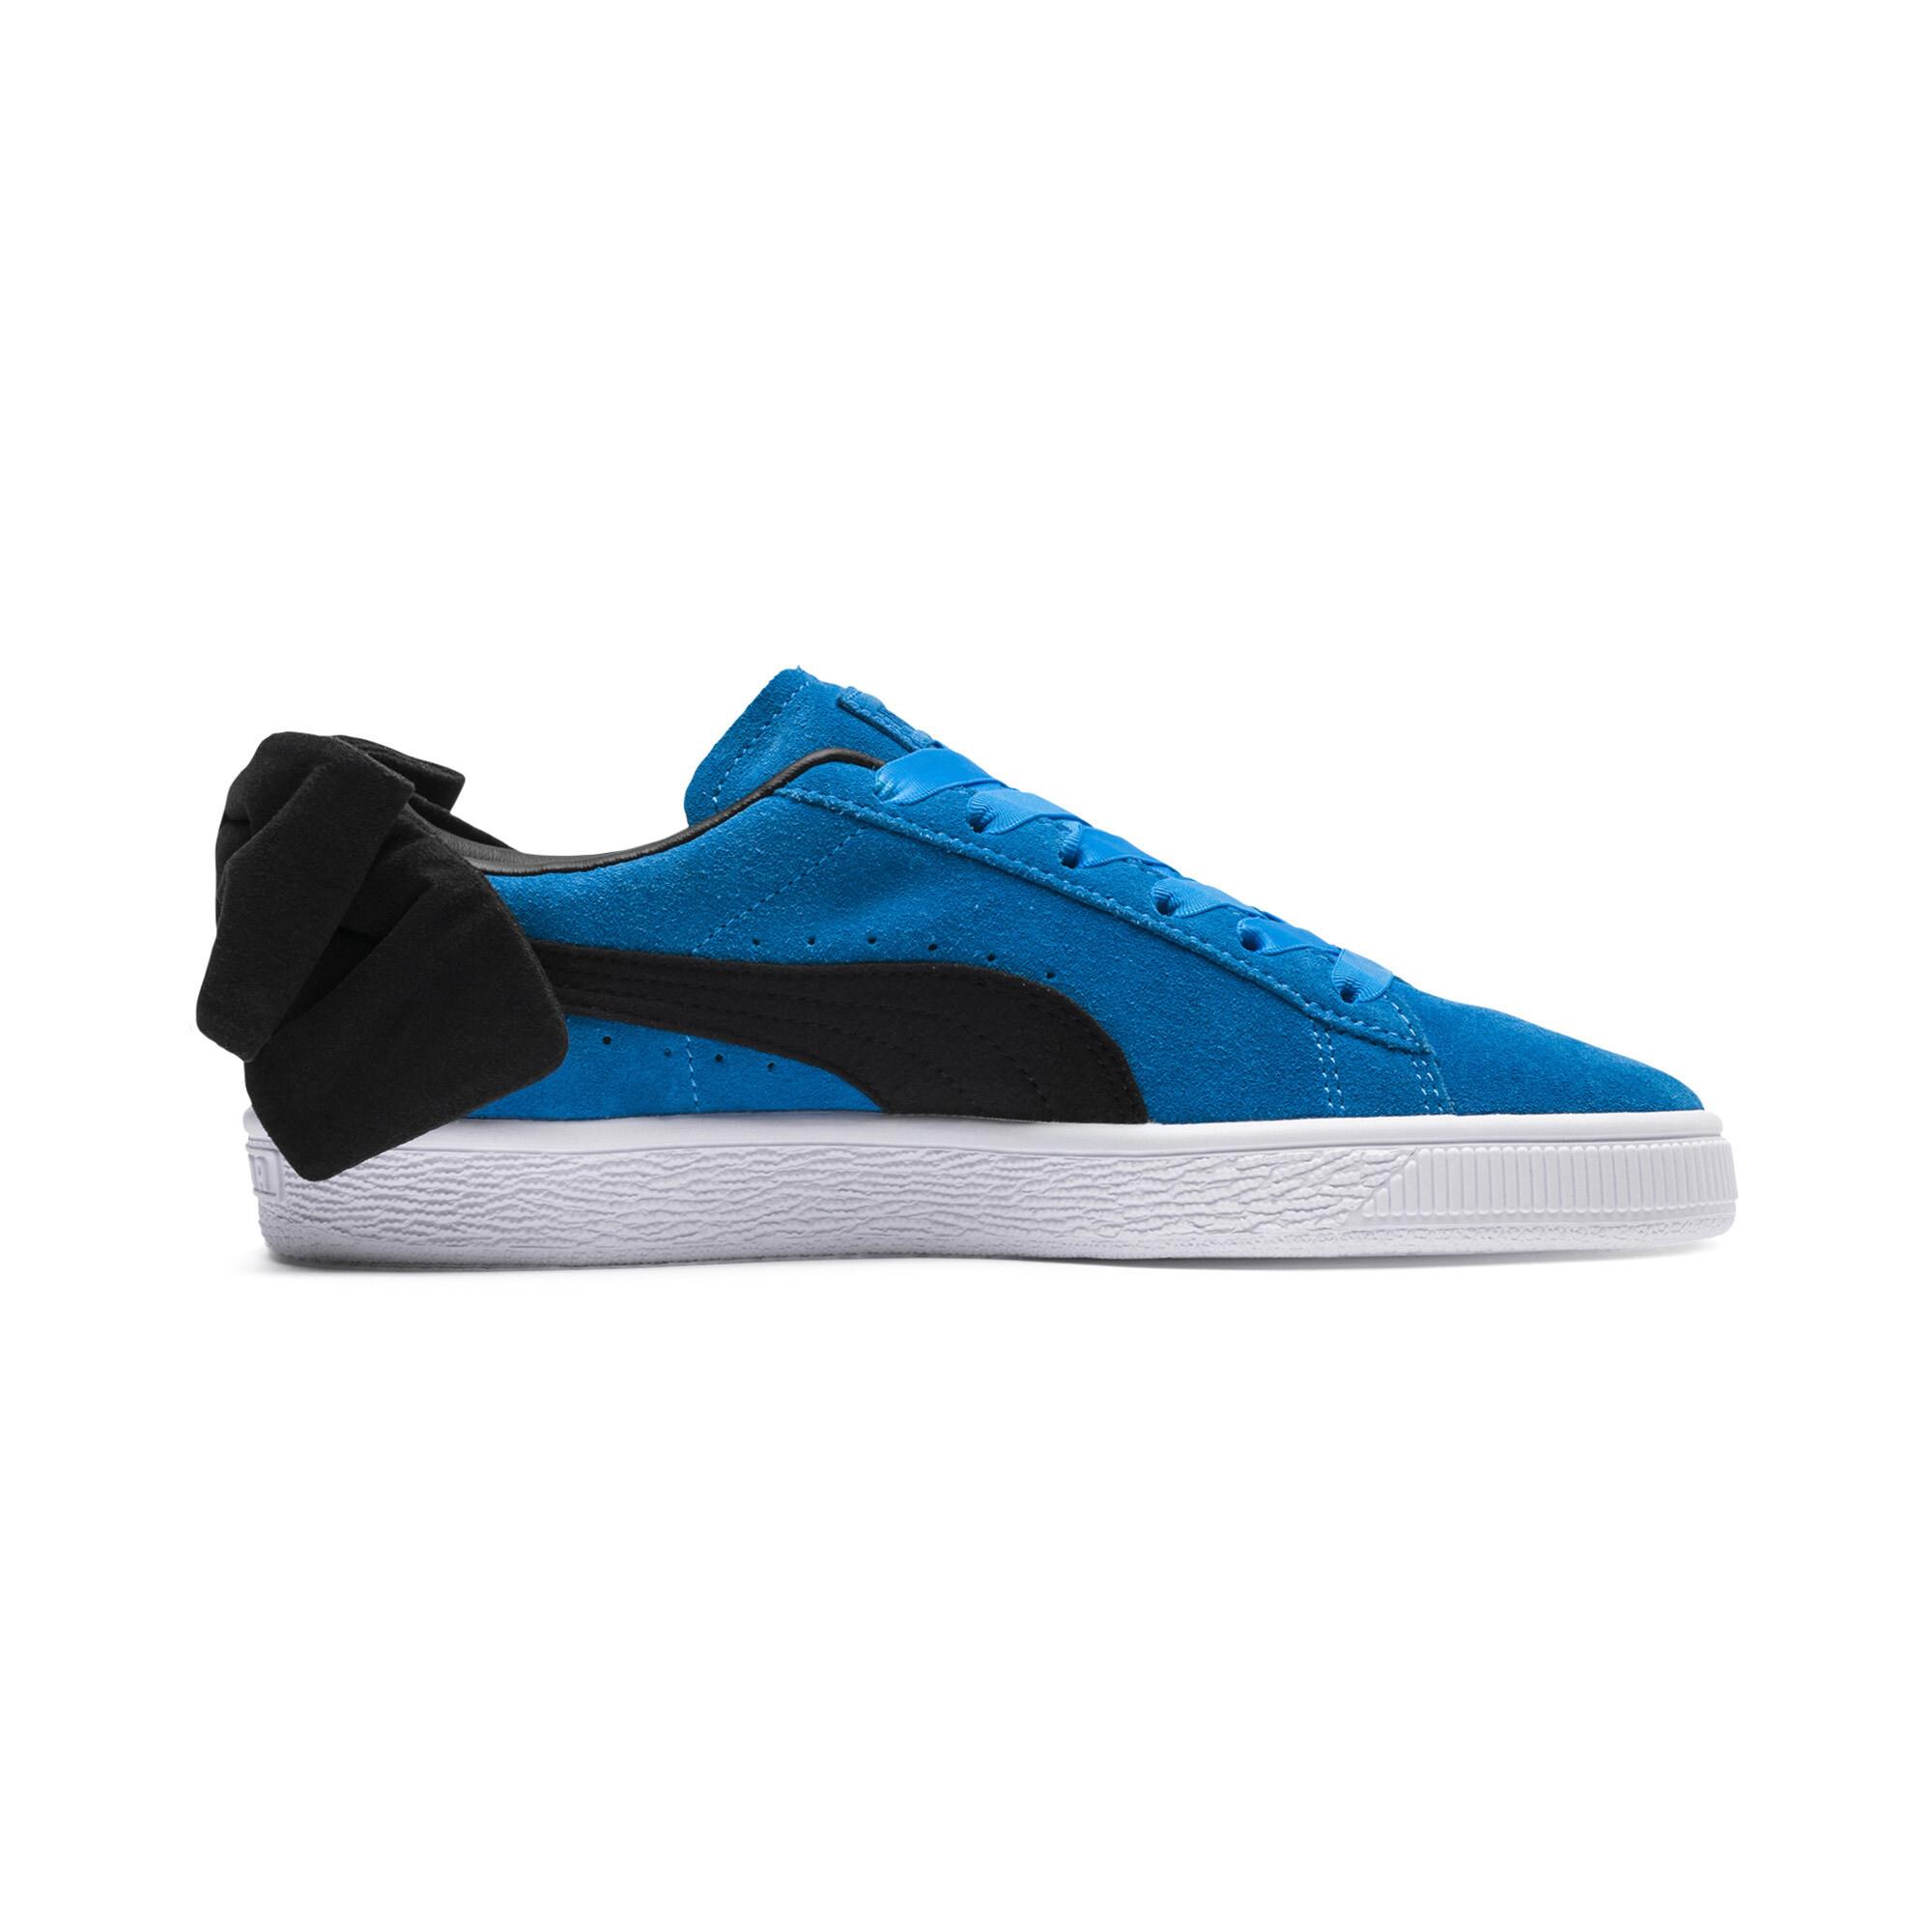 PUMA-Suede-Bow-Block-Damen-Sneaker-Frauen-Schuhe-Sport-Classics-Neu Indexbild 12